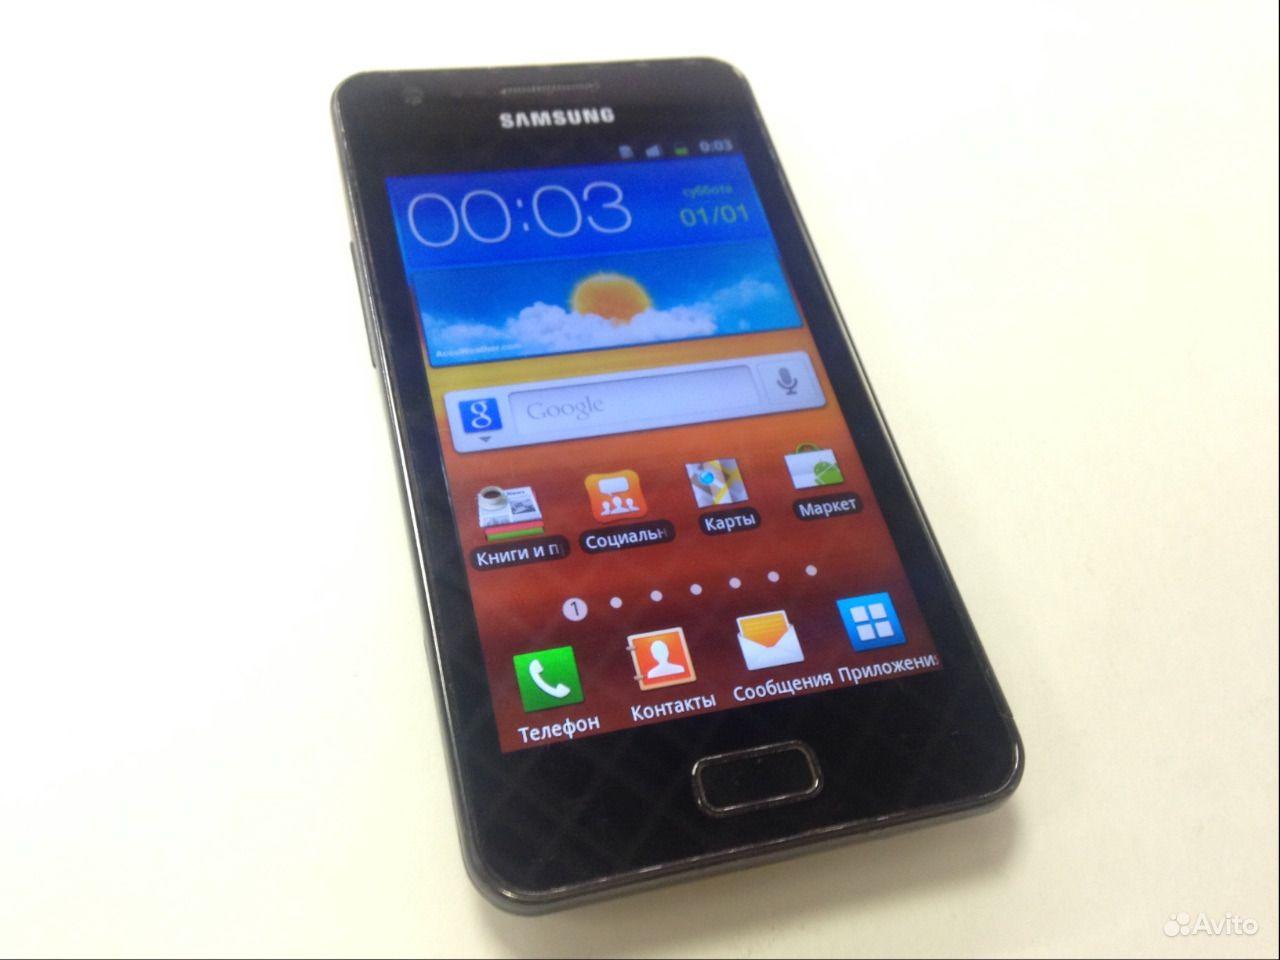 Samsung Galaxy R I9103 USB Driver